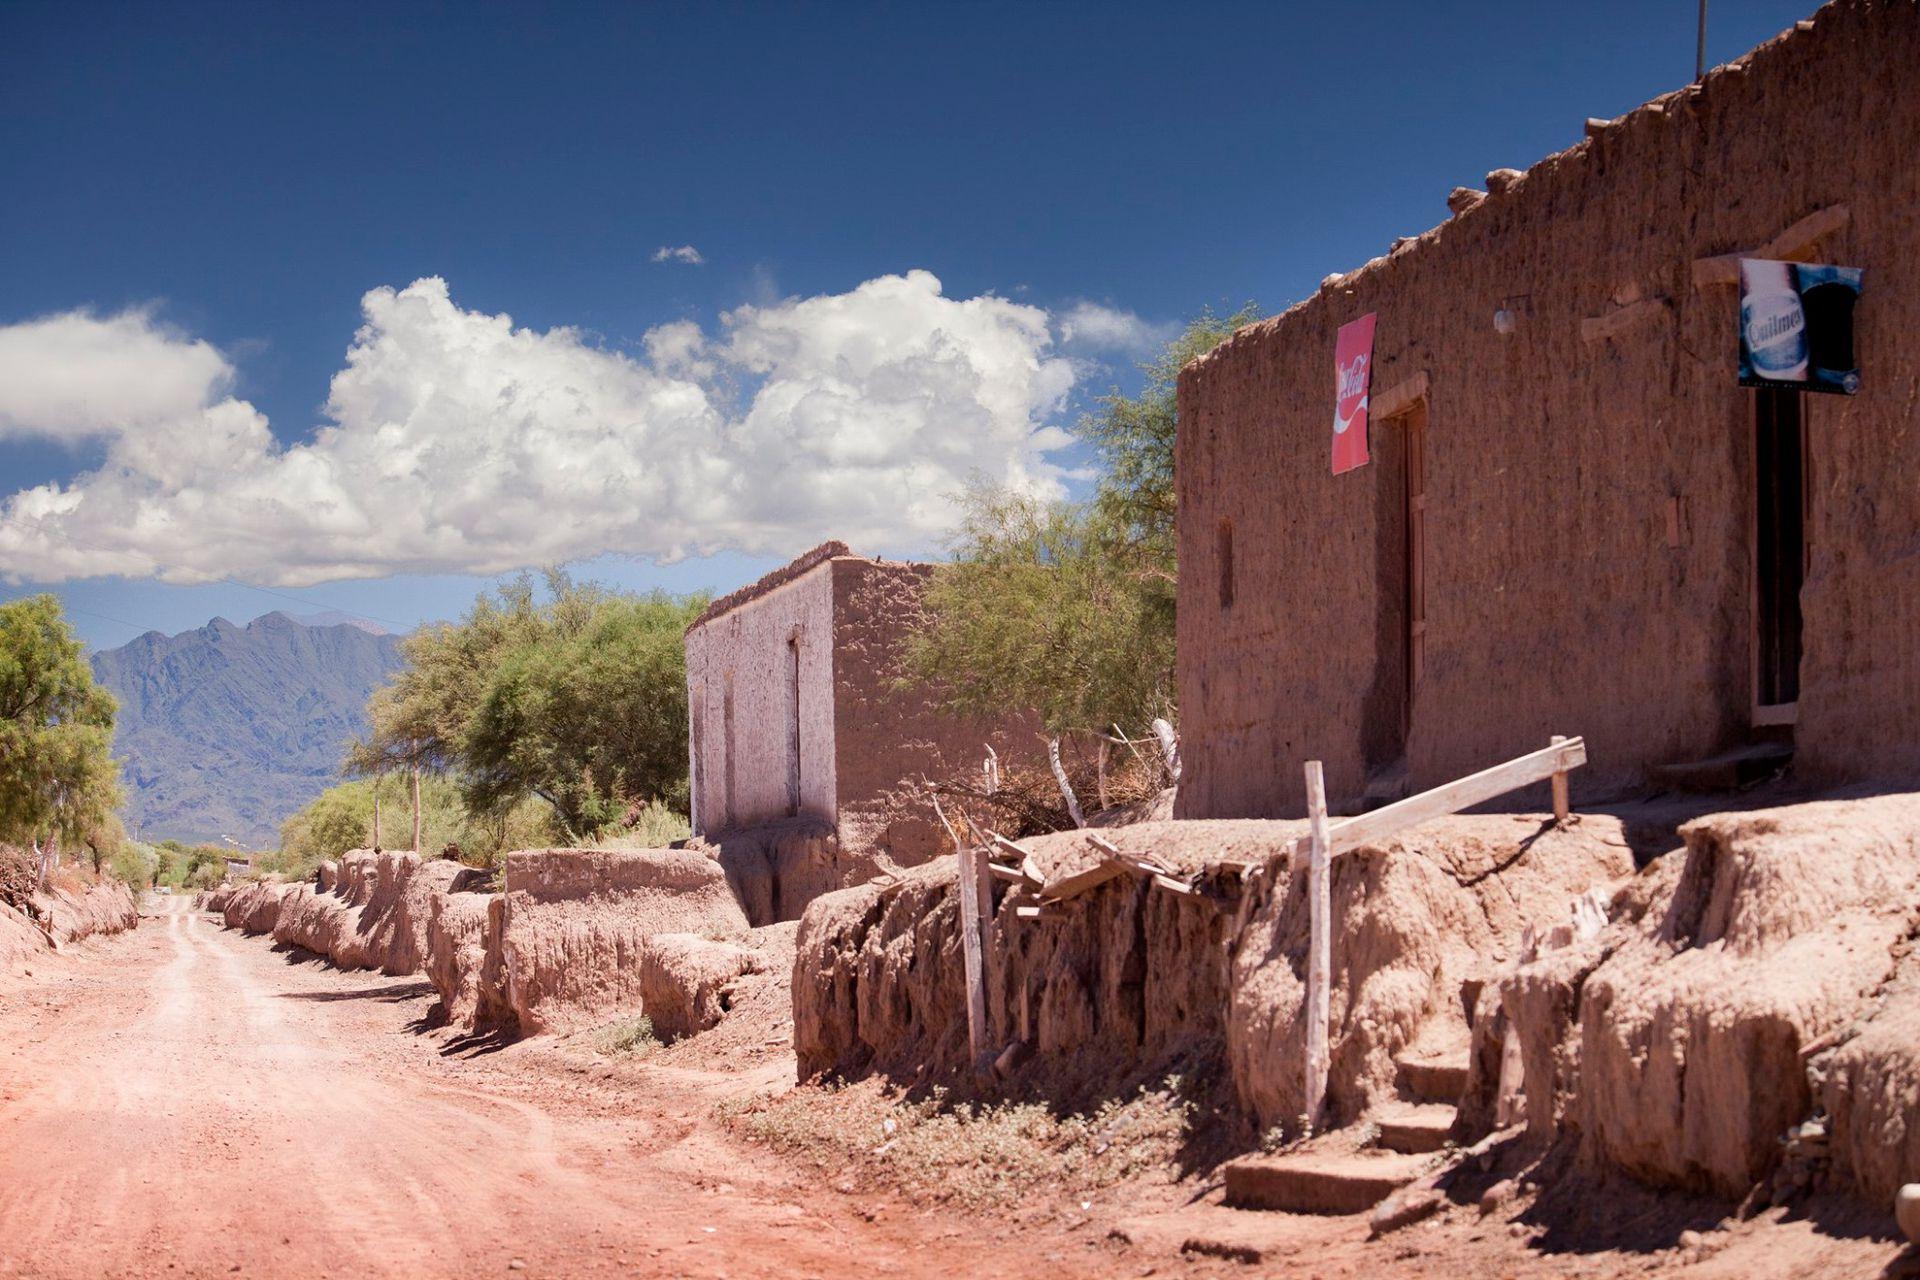 La diferencia de altura entre la calle y las casas de Jagüé